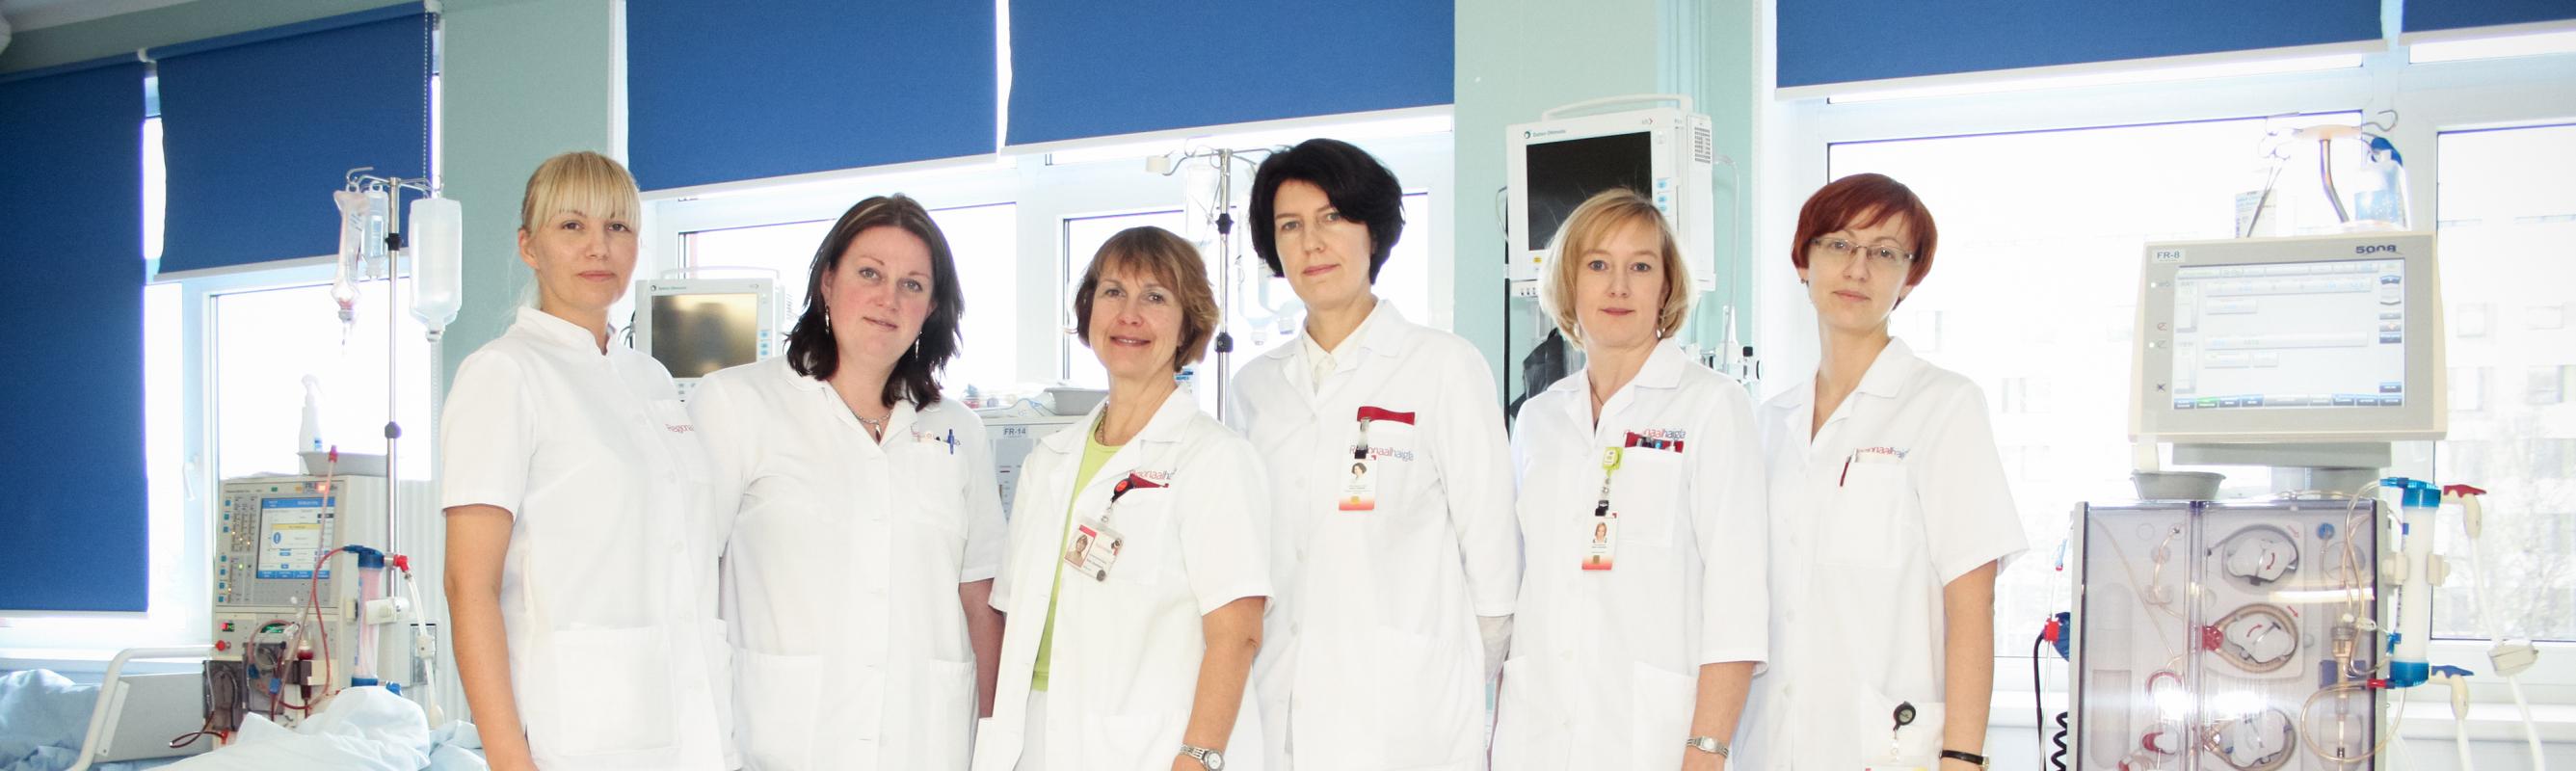 Nefroloogiakeskuse töökas naispere